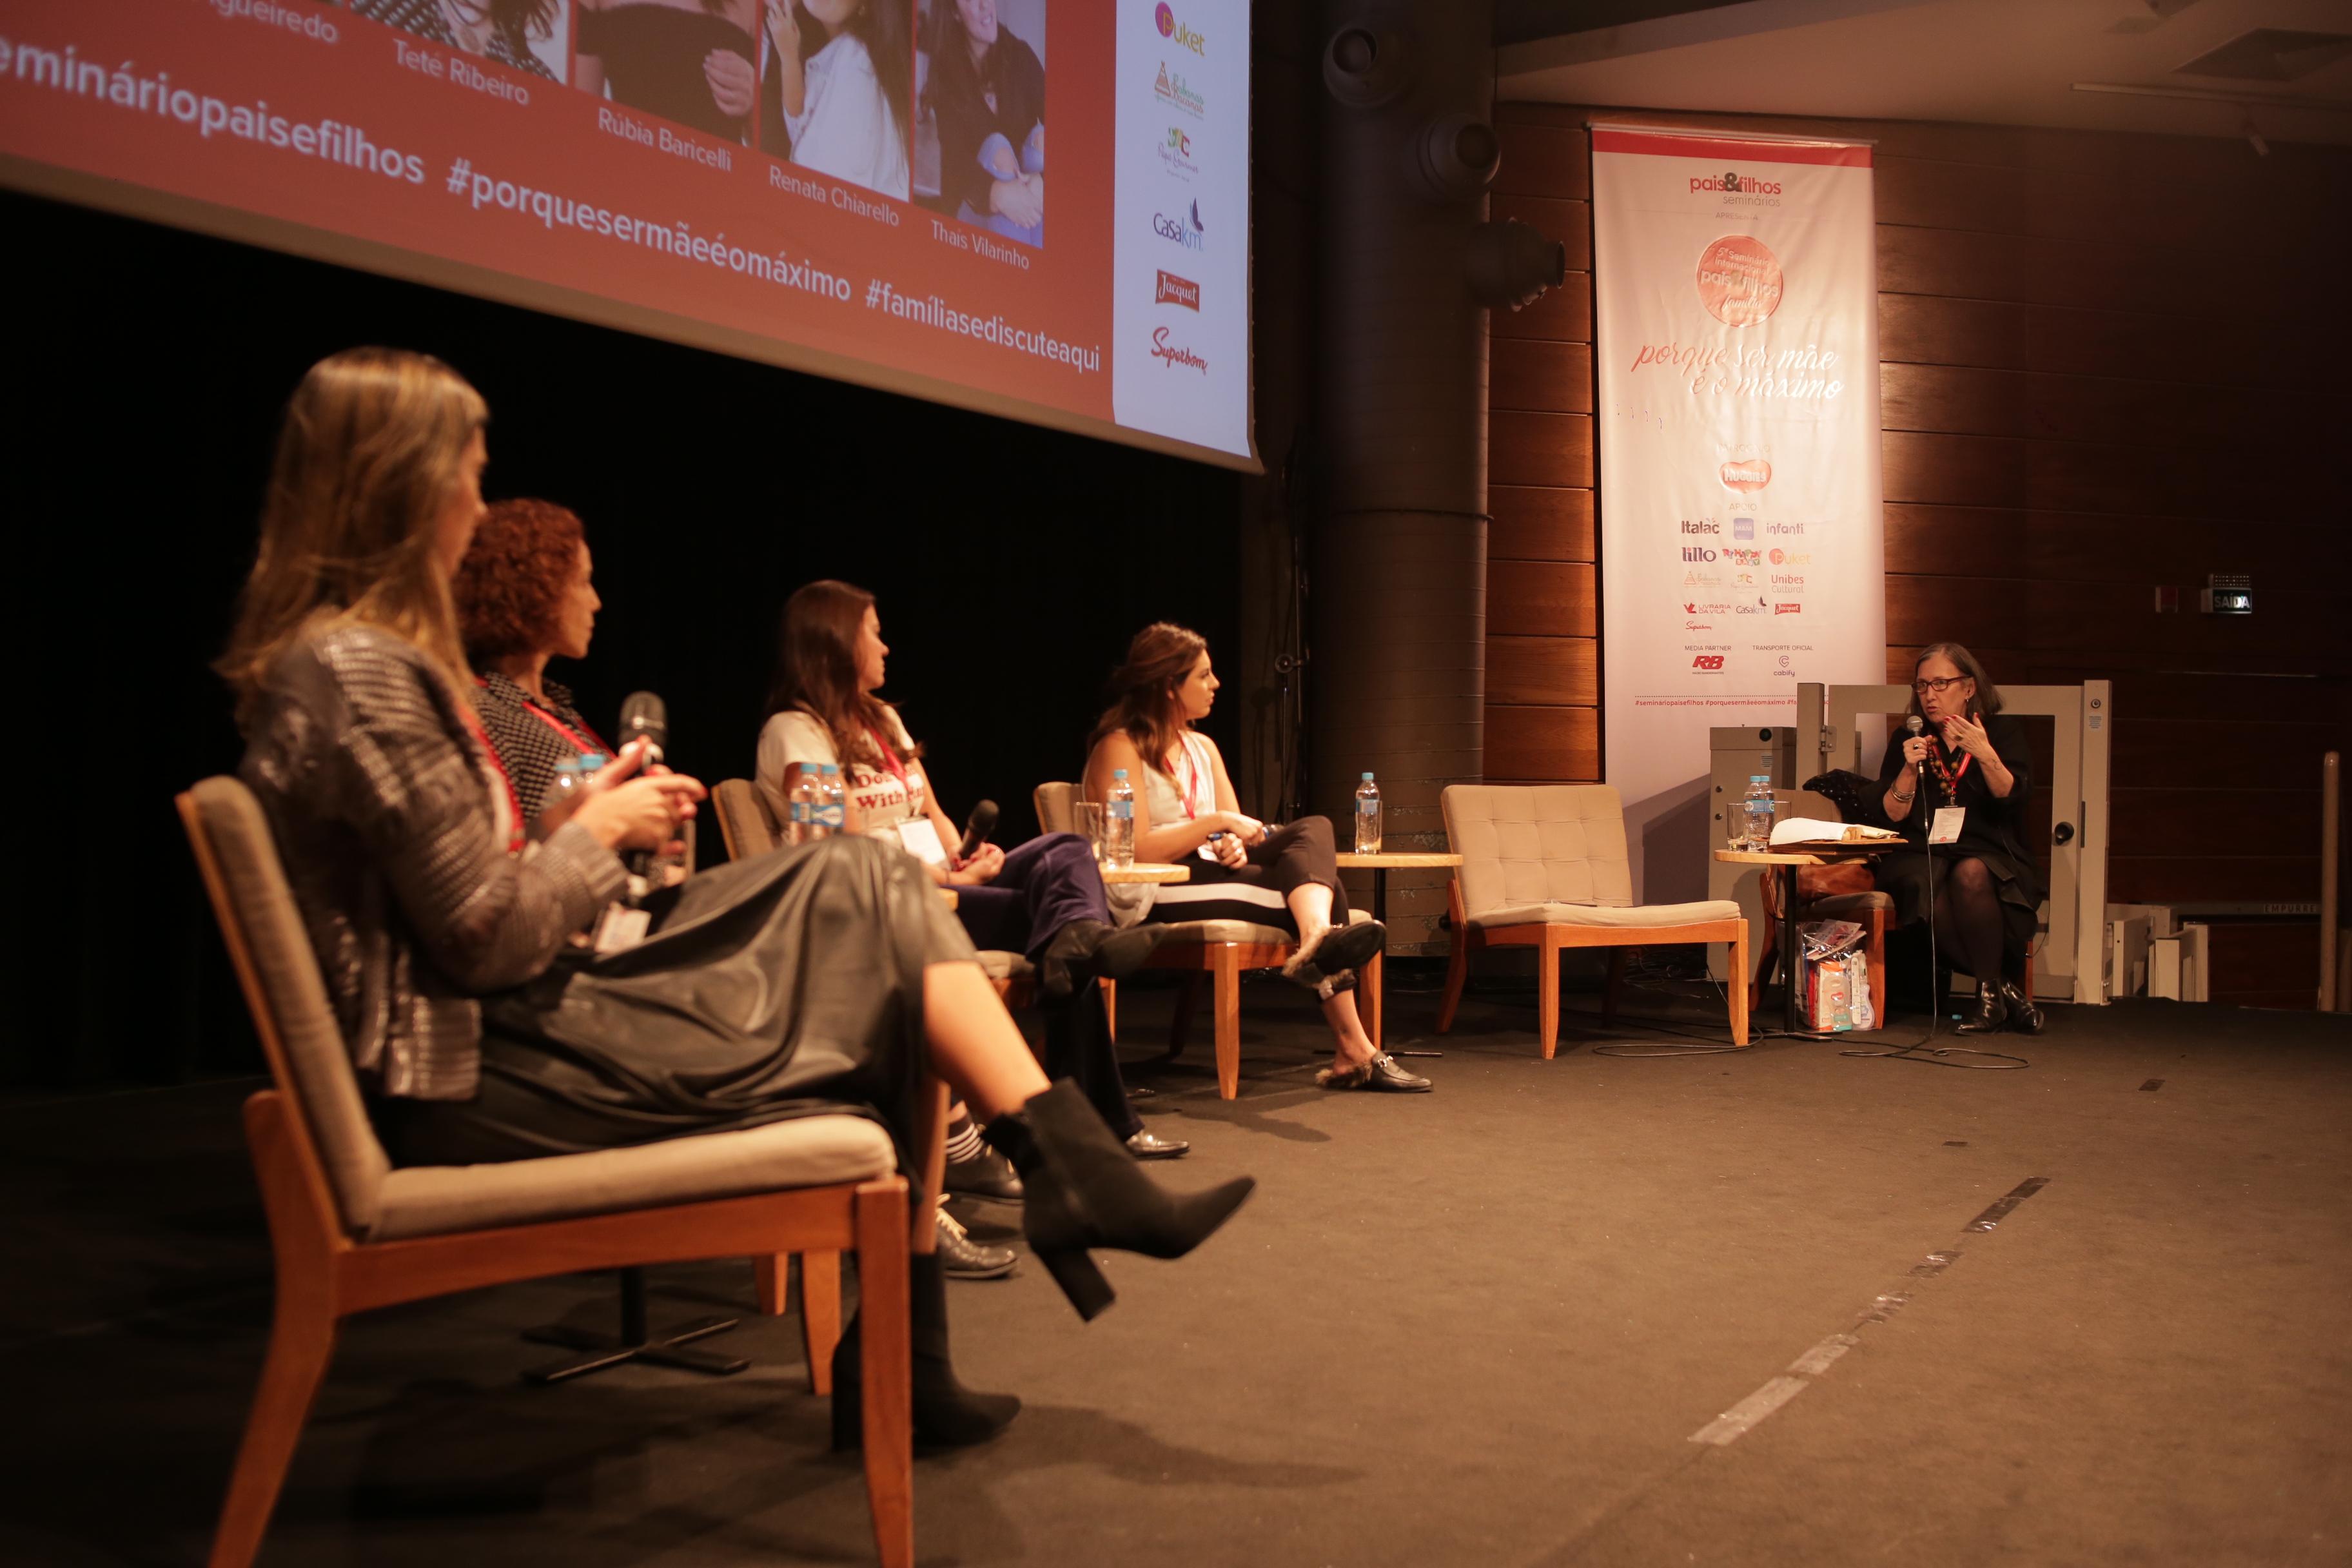 Mesa redonda com Mônica Figueiredo, Rúbia Baricelli, Thaís Vilarinho, Teté Ribeiro e Renata Chiarello